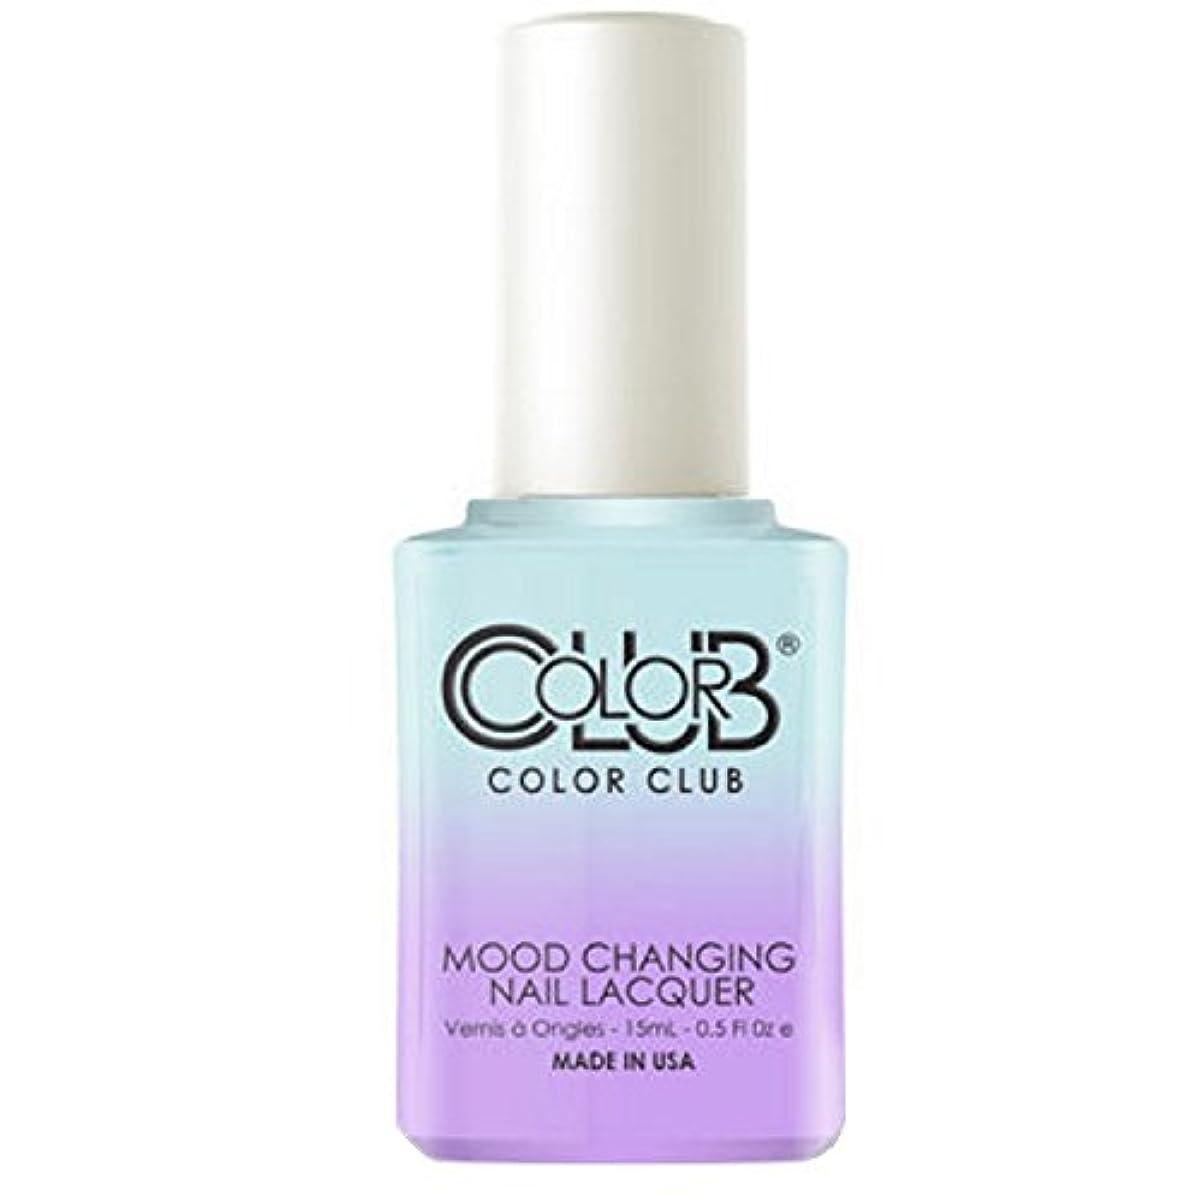 生理くびれた主観的Color Club Mood Changing Nail Lacquer - Blue Skies Ahead - 15 mL / 0.5 fl oz